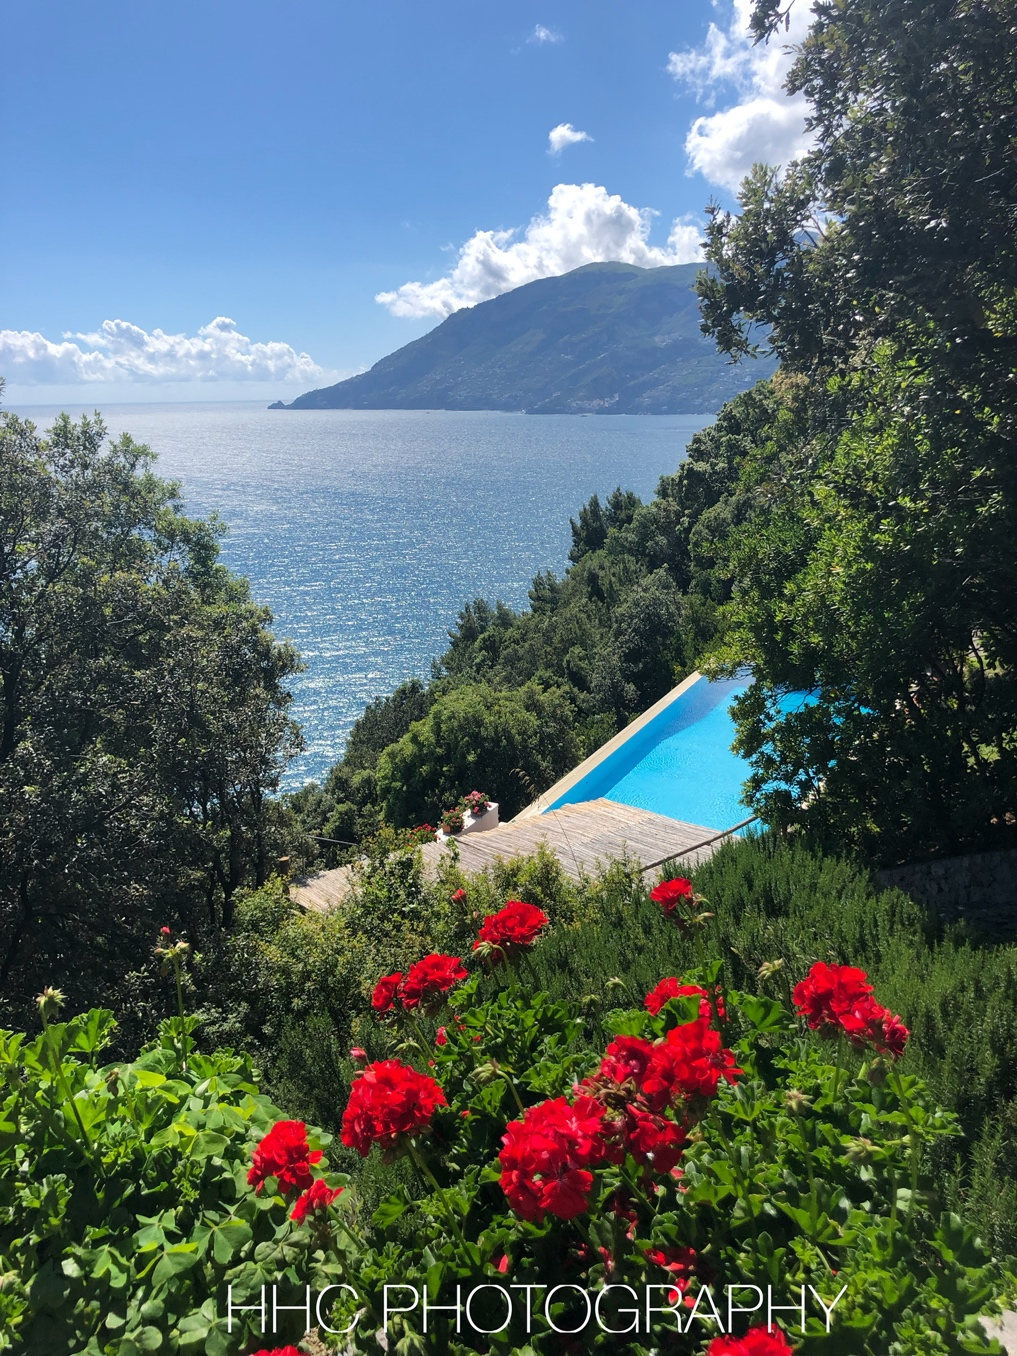 阿马尔菲海岸线, 意大利